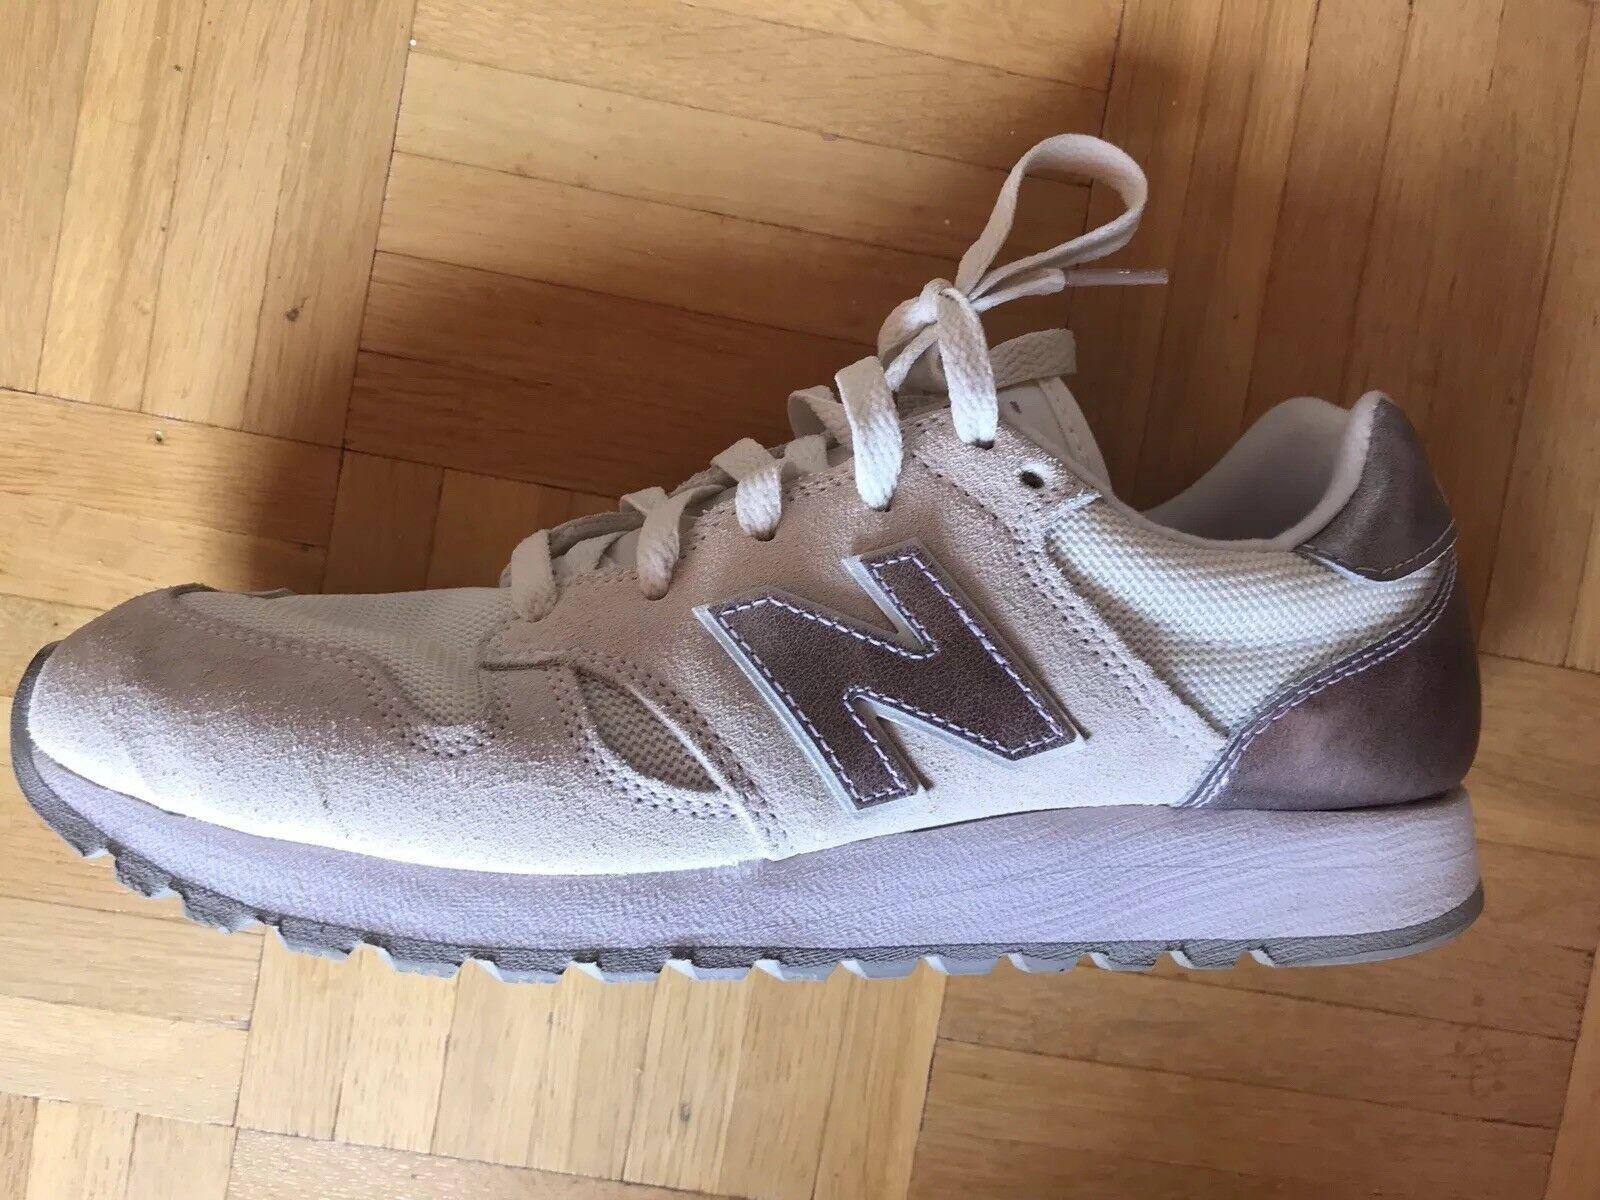 NEU balance 40.5 damen Günstige und gute Schuhe